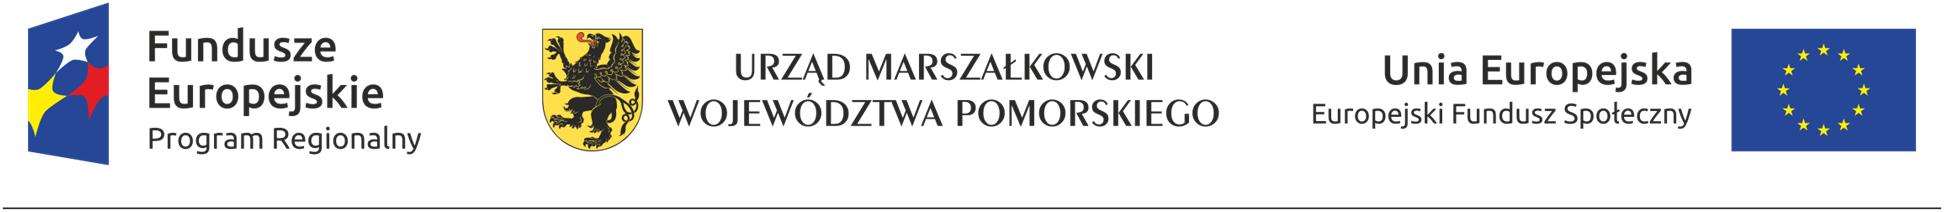 Logopomorskiekolor.png